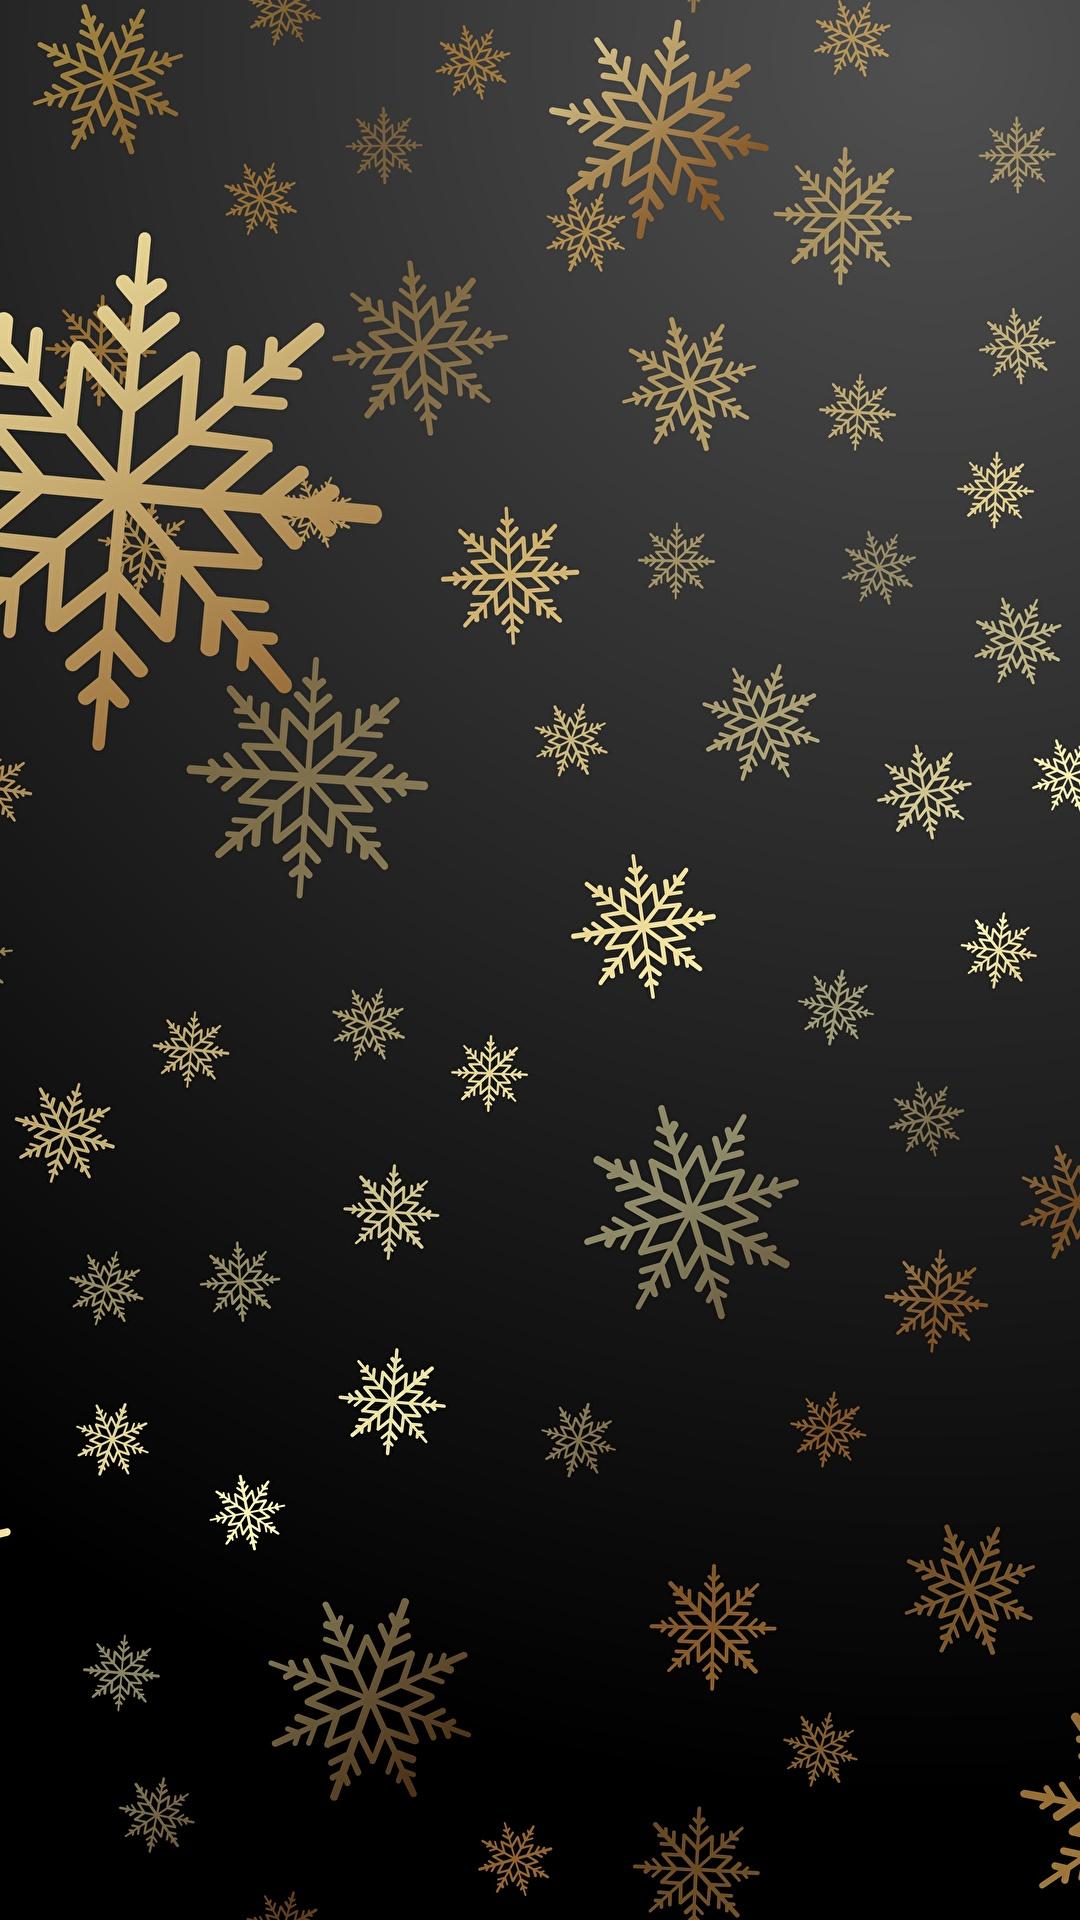 壁紙 1080x1920 テクスチャー 新年 雪の結晶 ダウンロード 写真